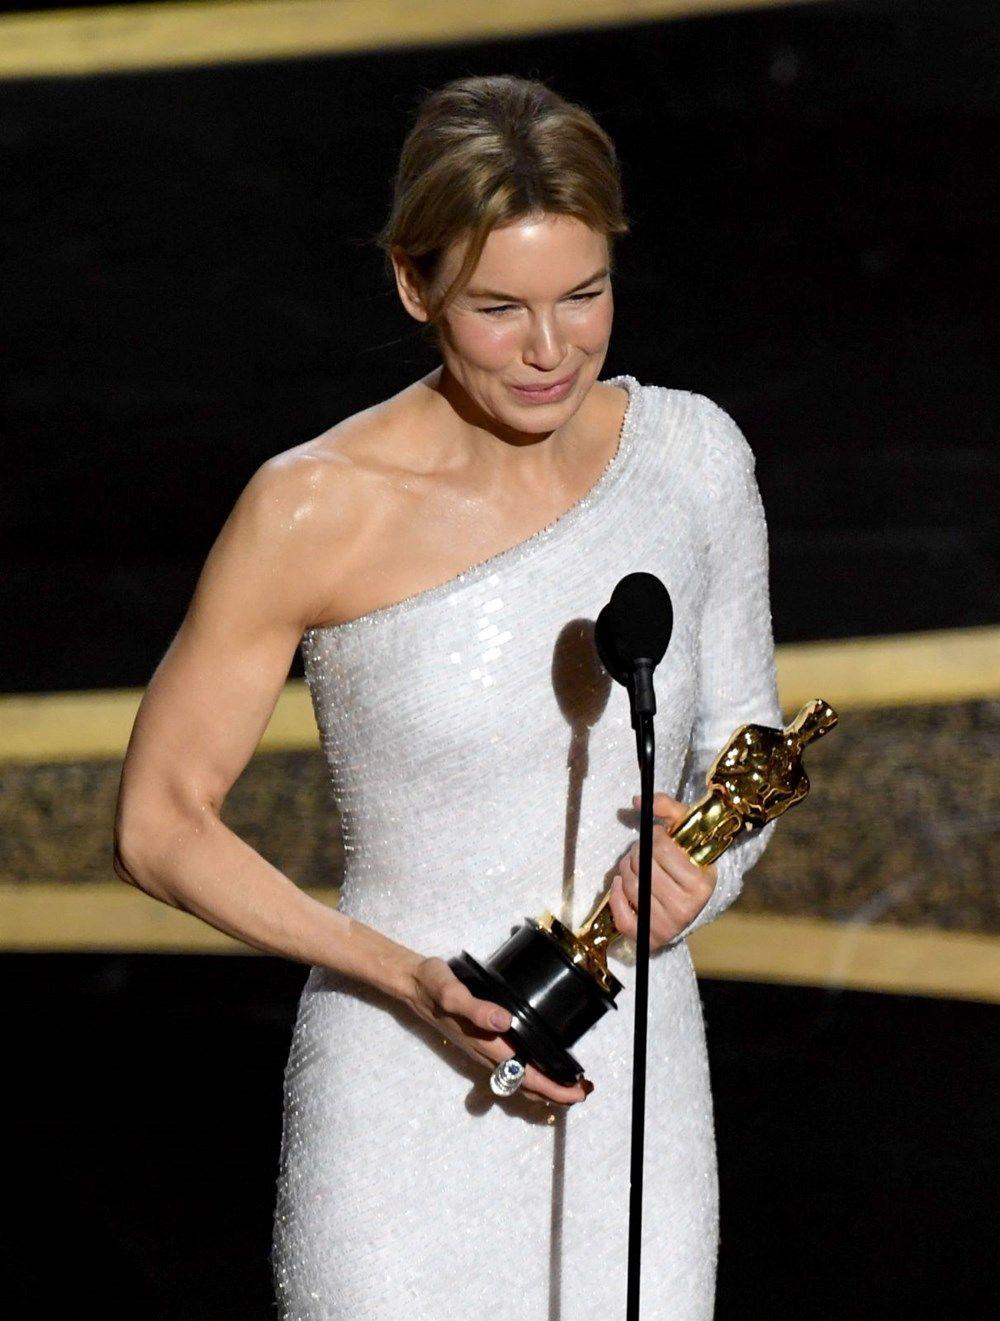 Oscar 2020 kazananları belli oldu! - Sayfa 2